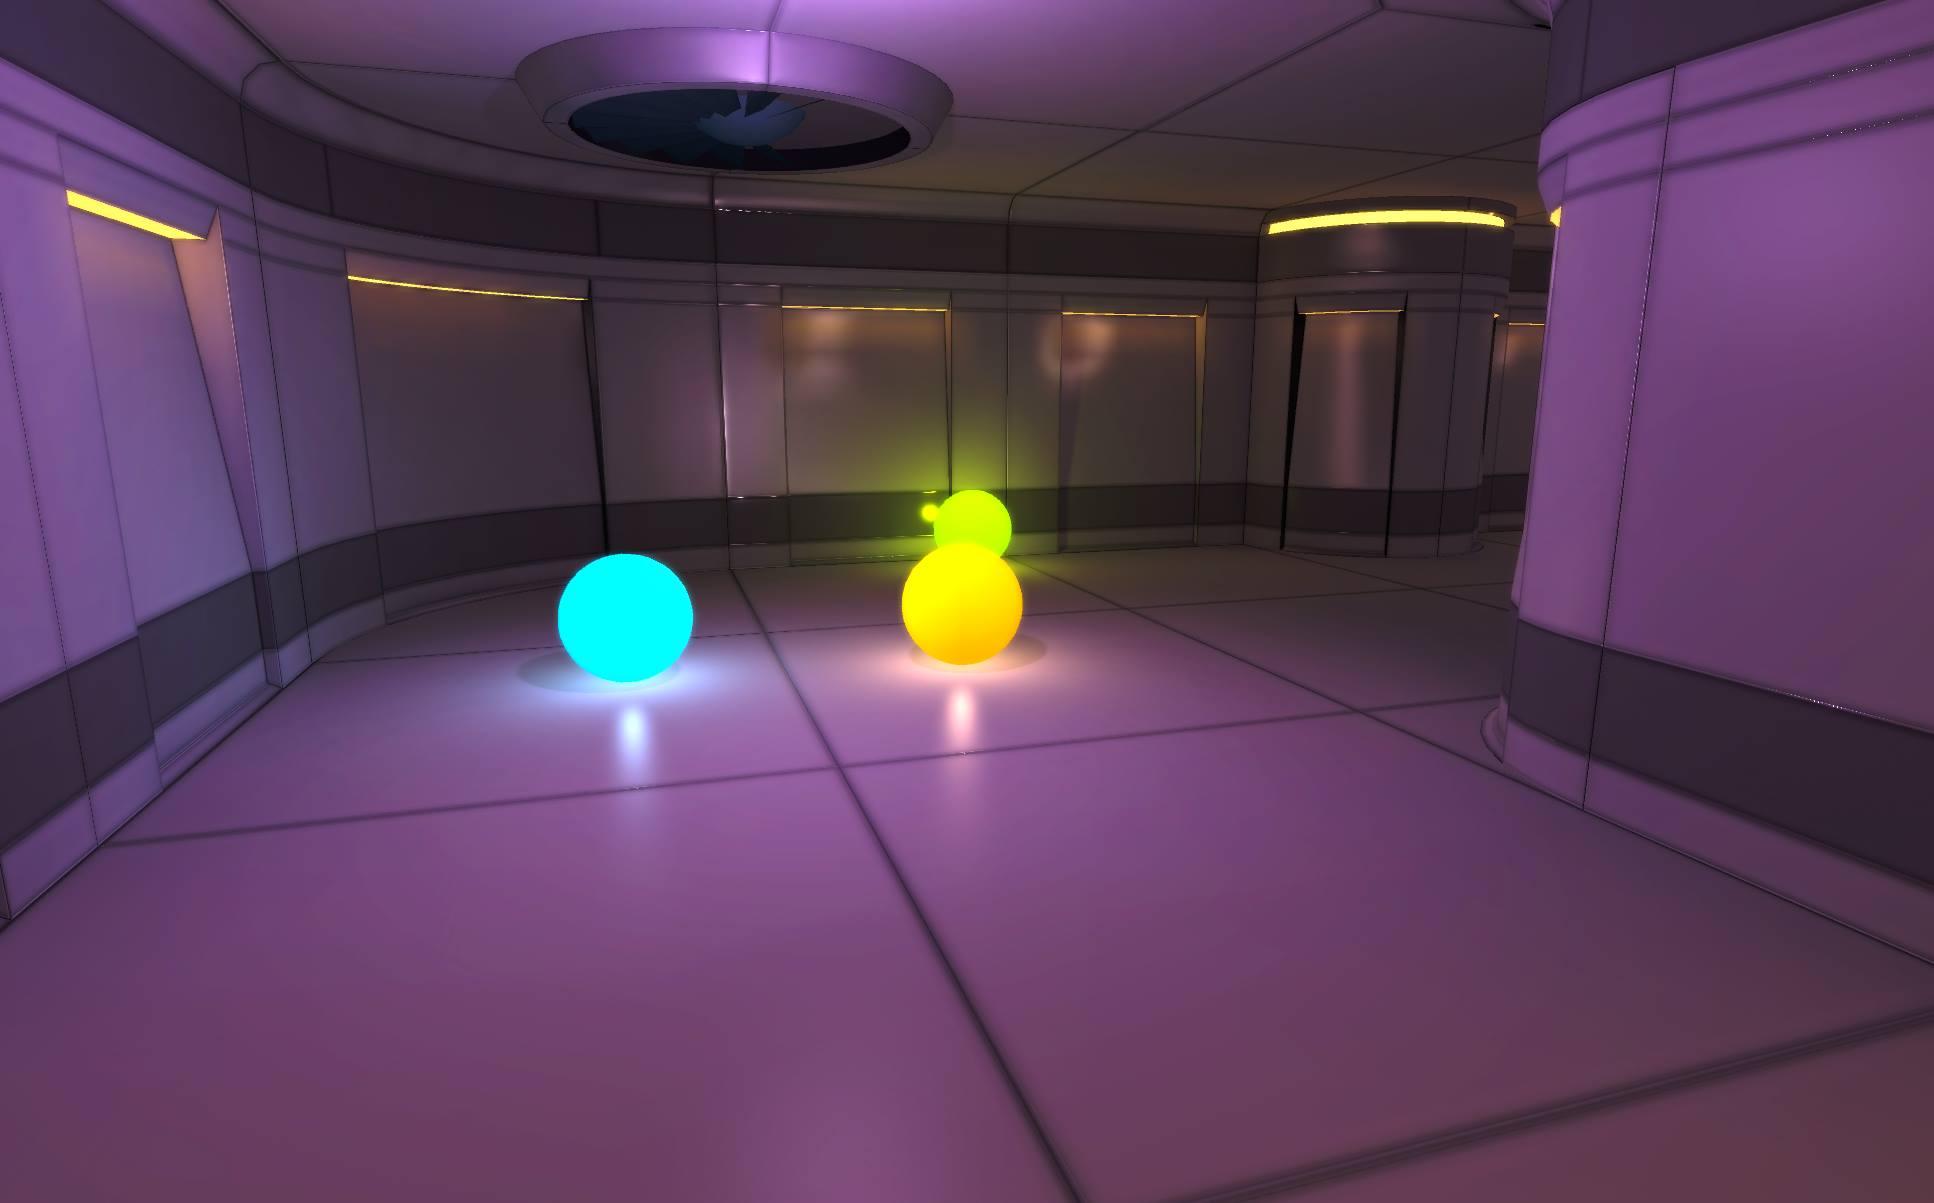 Ecole jeux vid o studio mercier premiers cours de jeux video for Jeux de cuisine unity 3d